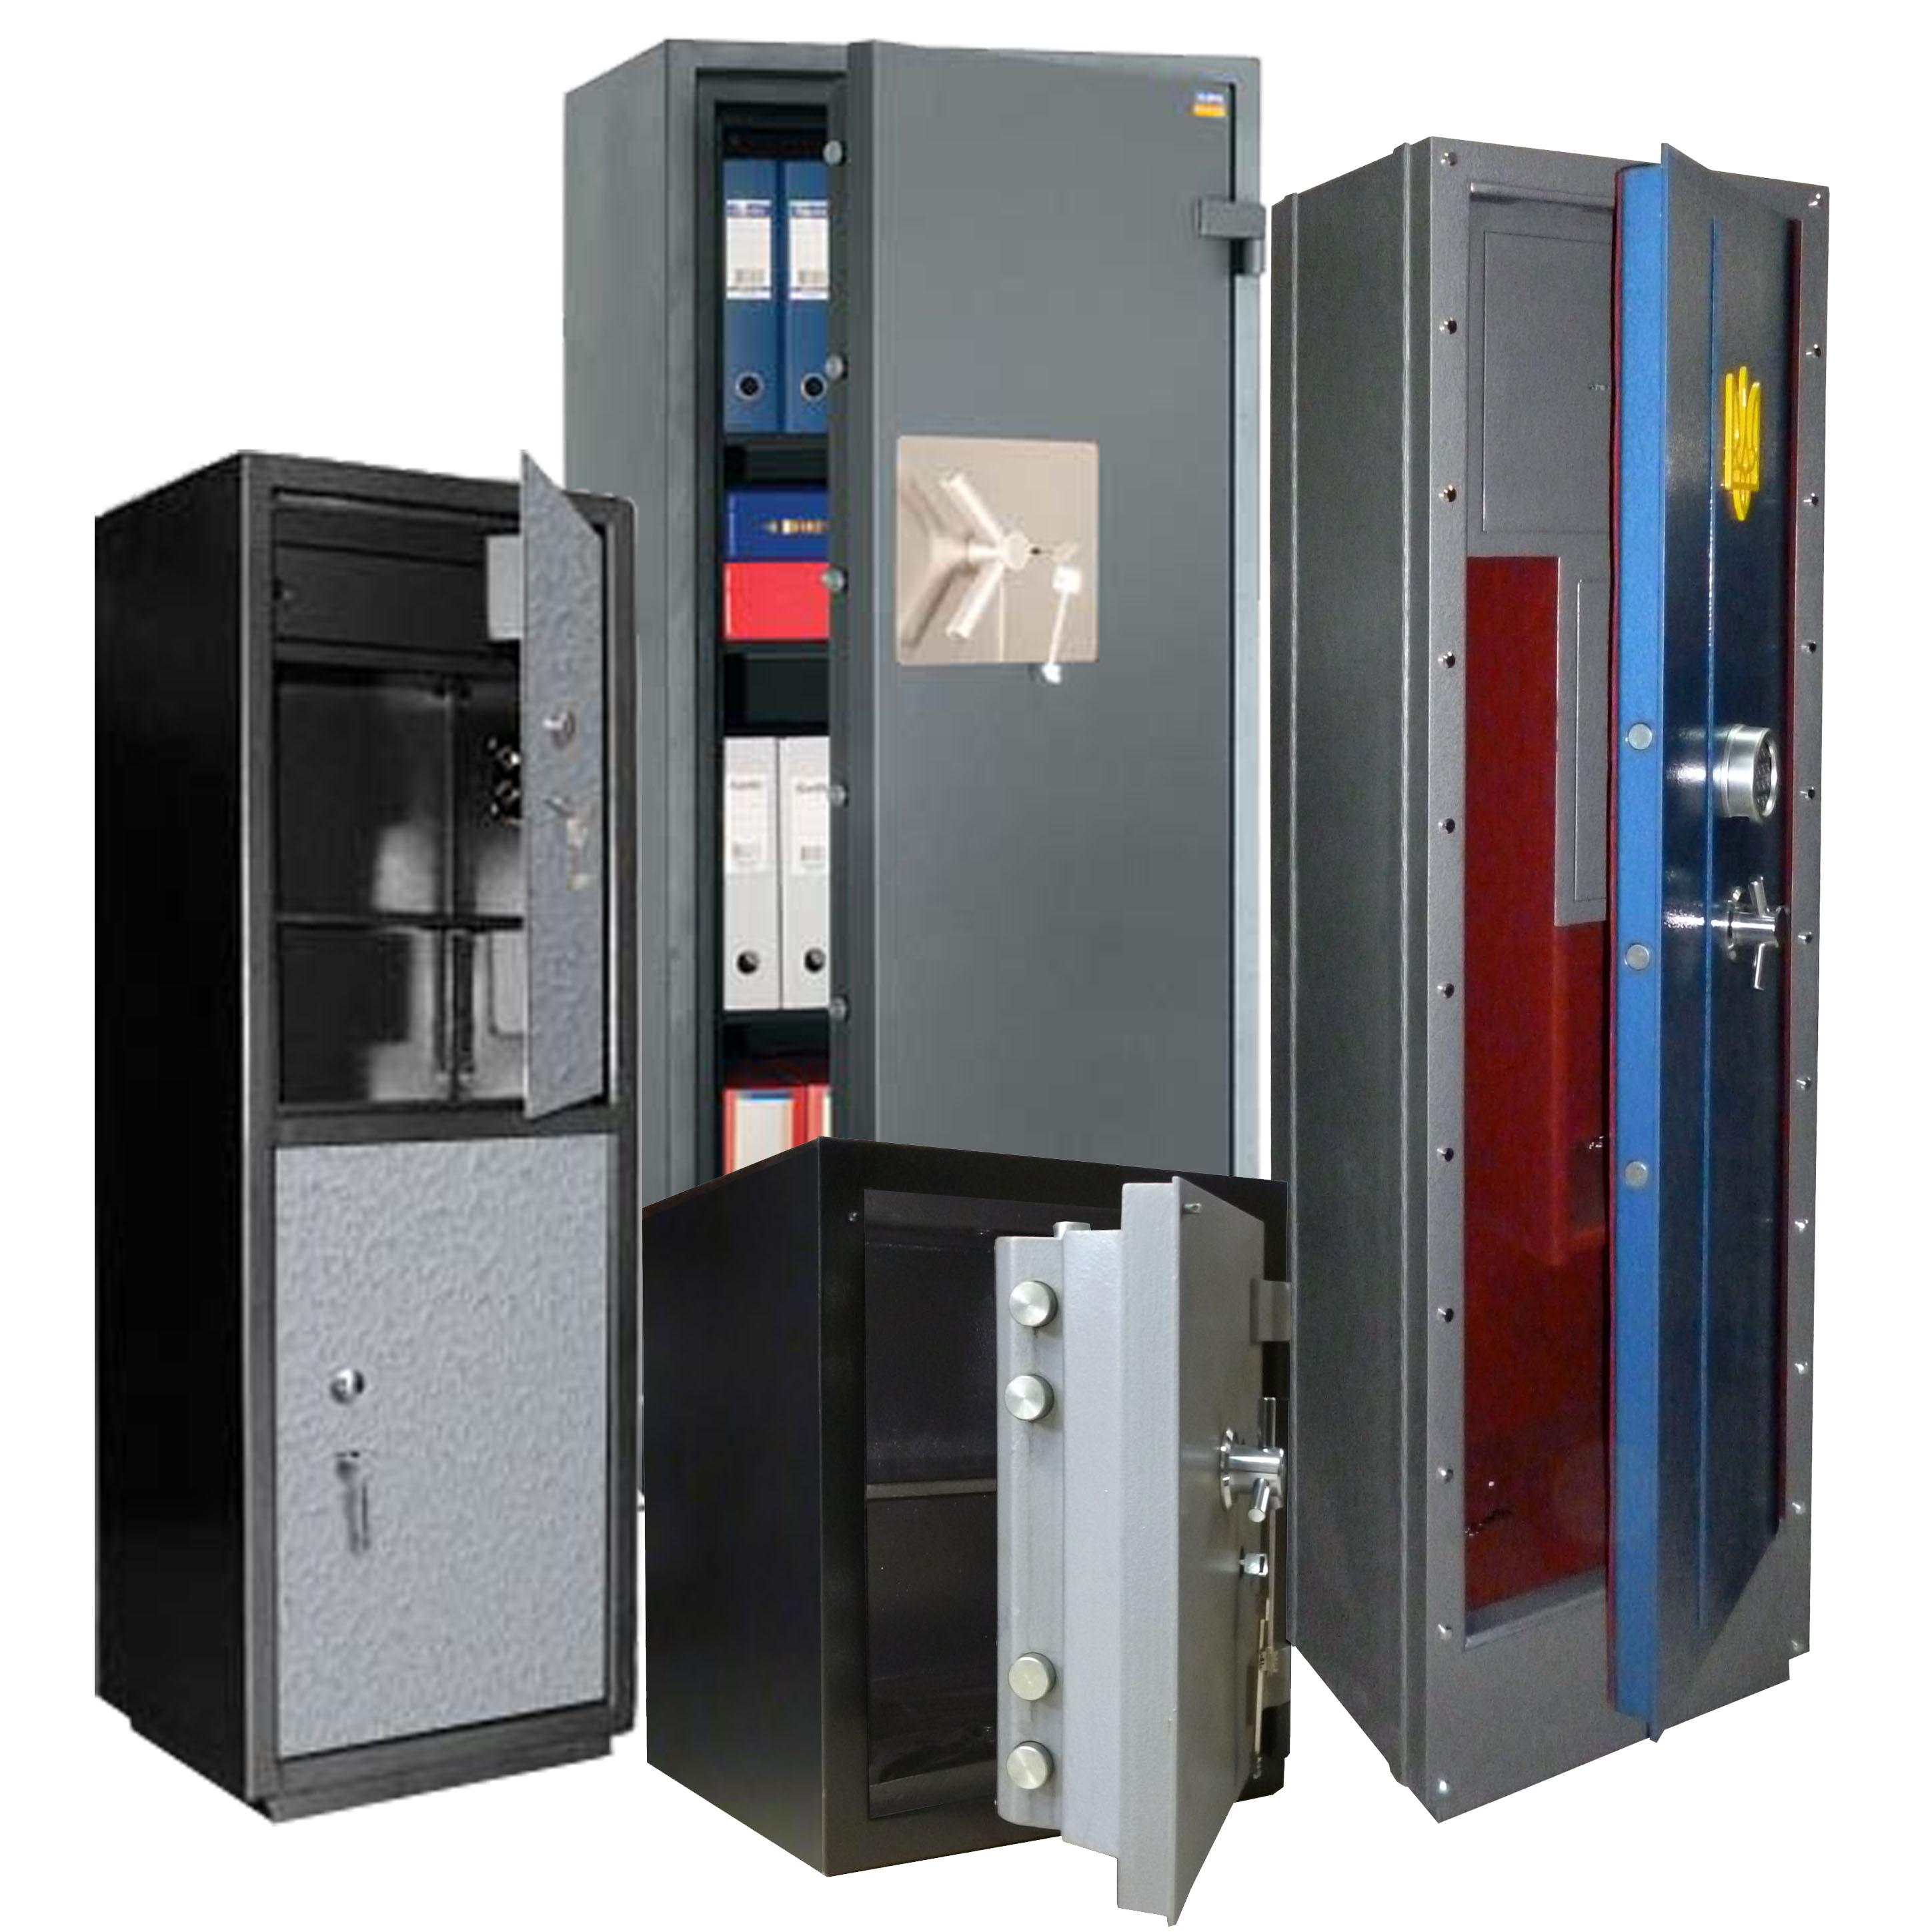 сейфи банківські сертифіковані, вогнетривкі, сейфи конторські, сейфи меблеві, сейфи стінні, сейфи для зброї, сейфи зламостійкі